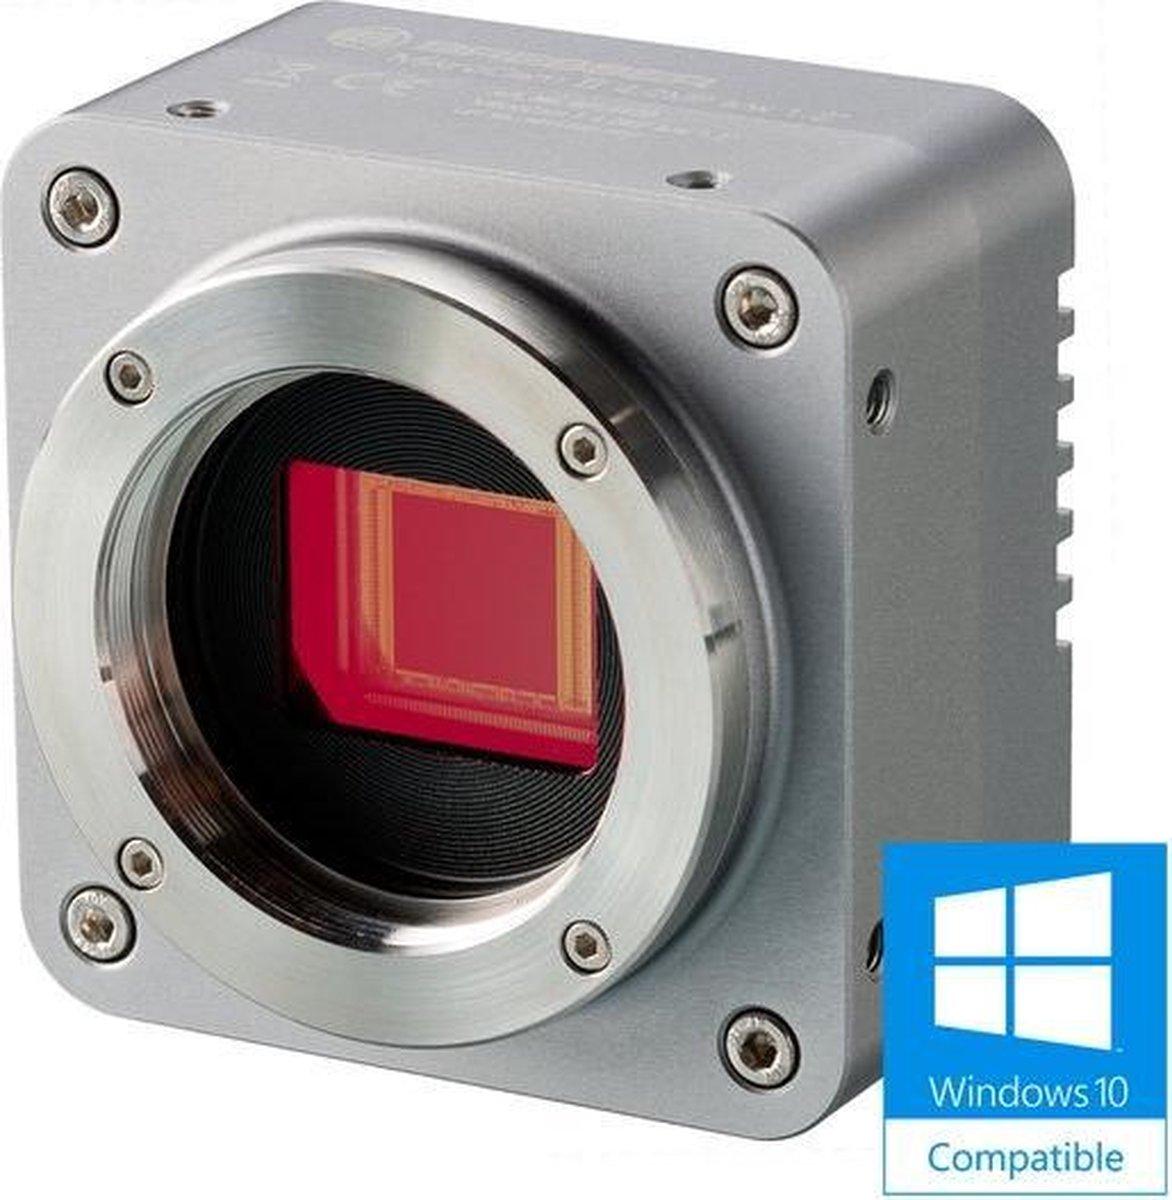 Bresser MikroCam II 4.2MP B/W 1.2 Microscoop Camera